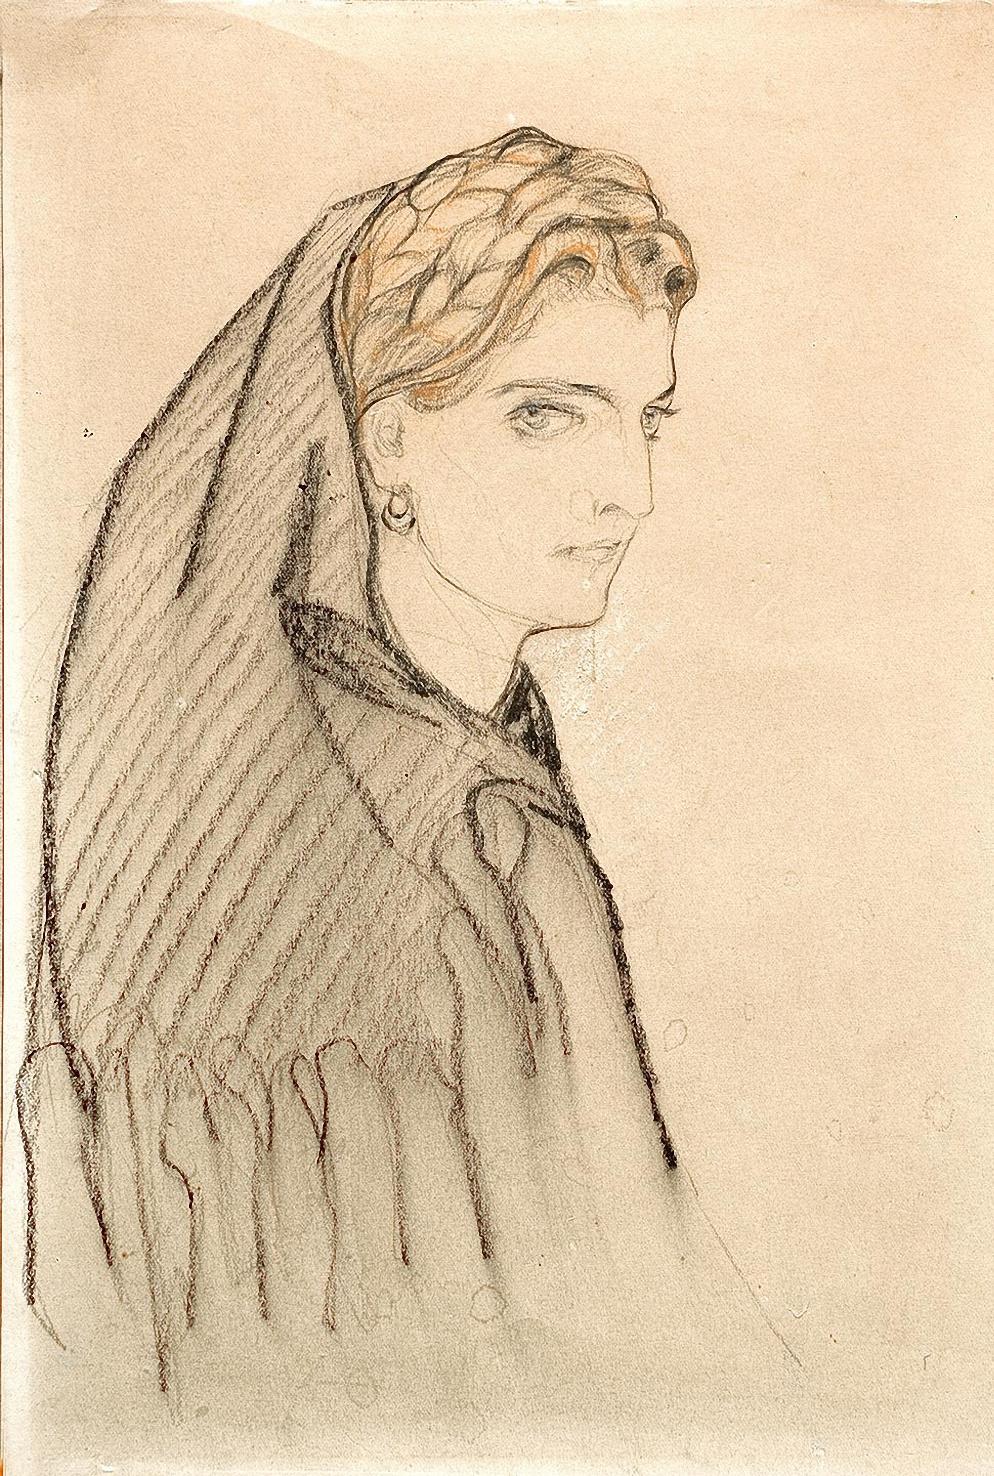 Elena Kiseleva. Chernogorka. 1920s